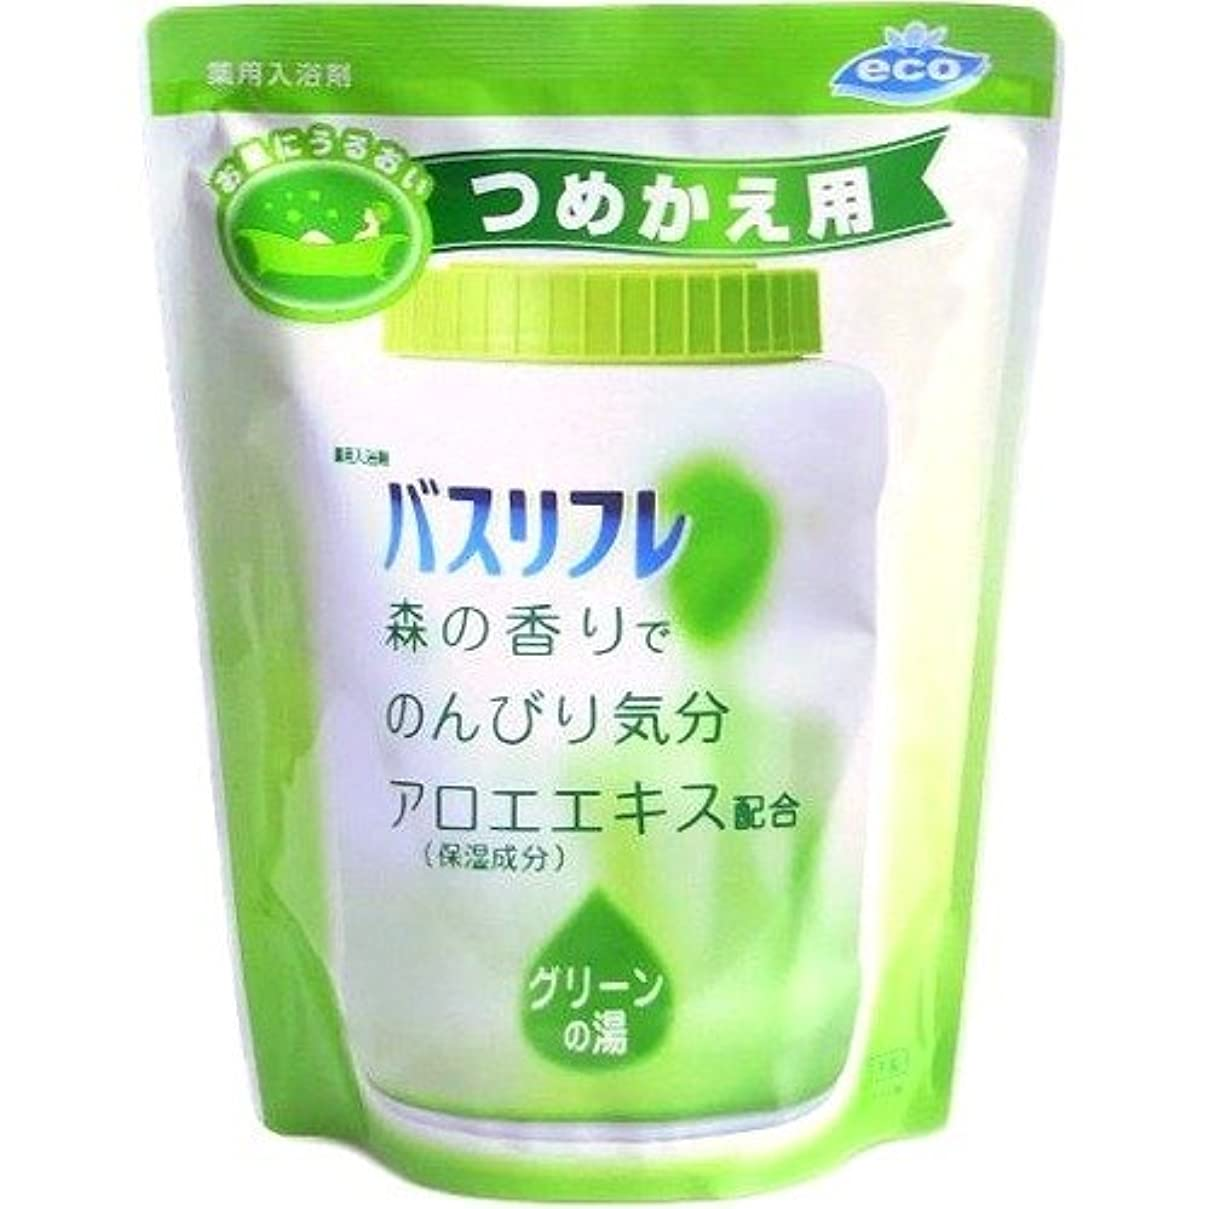 パイユニークな実際の薬用入浴剤 バスリフレ グリーンの湯 つめかえ用 540g 森の香り (ライオンケミカル)